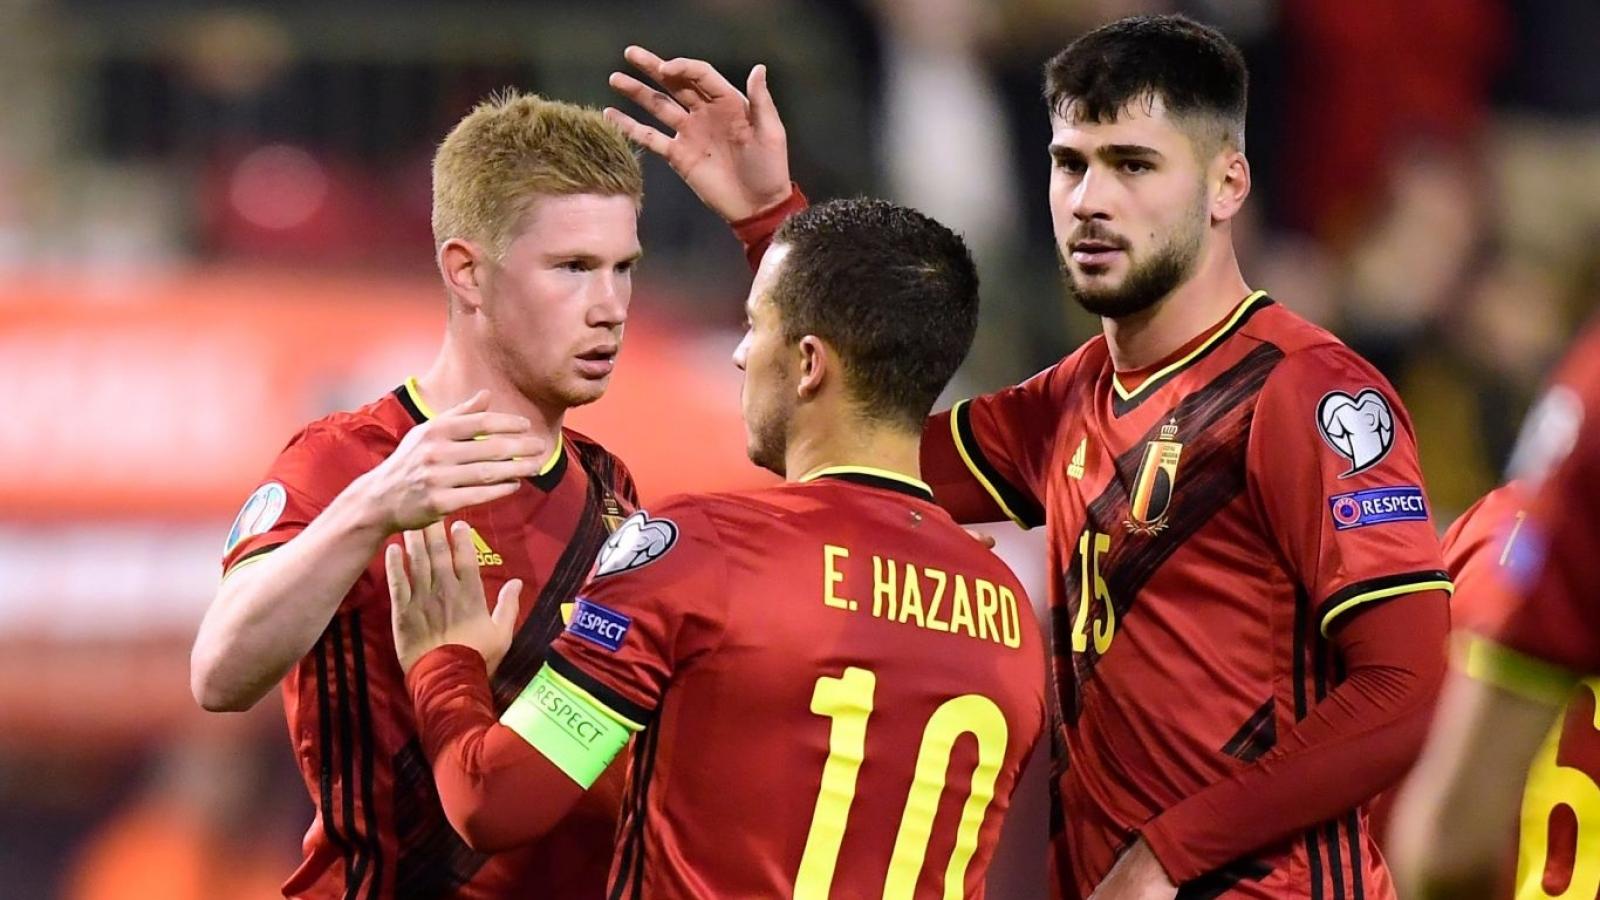 Góc BLV: Bỉ, Đan Mạch và Nga sẽ đi tiếp ở bảng B EURO 2021